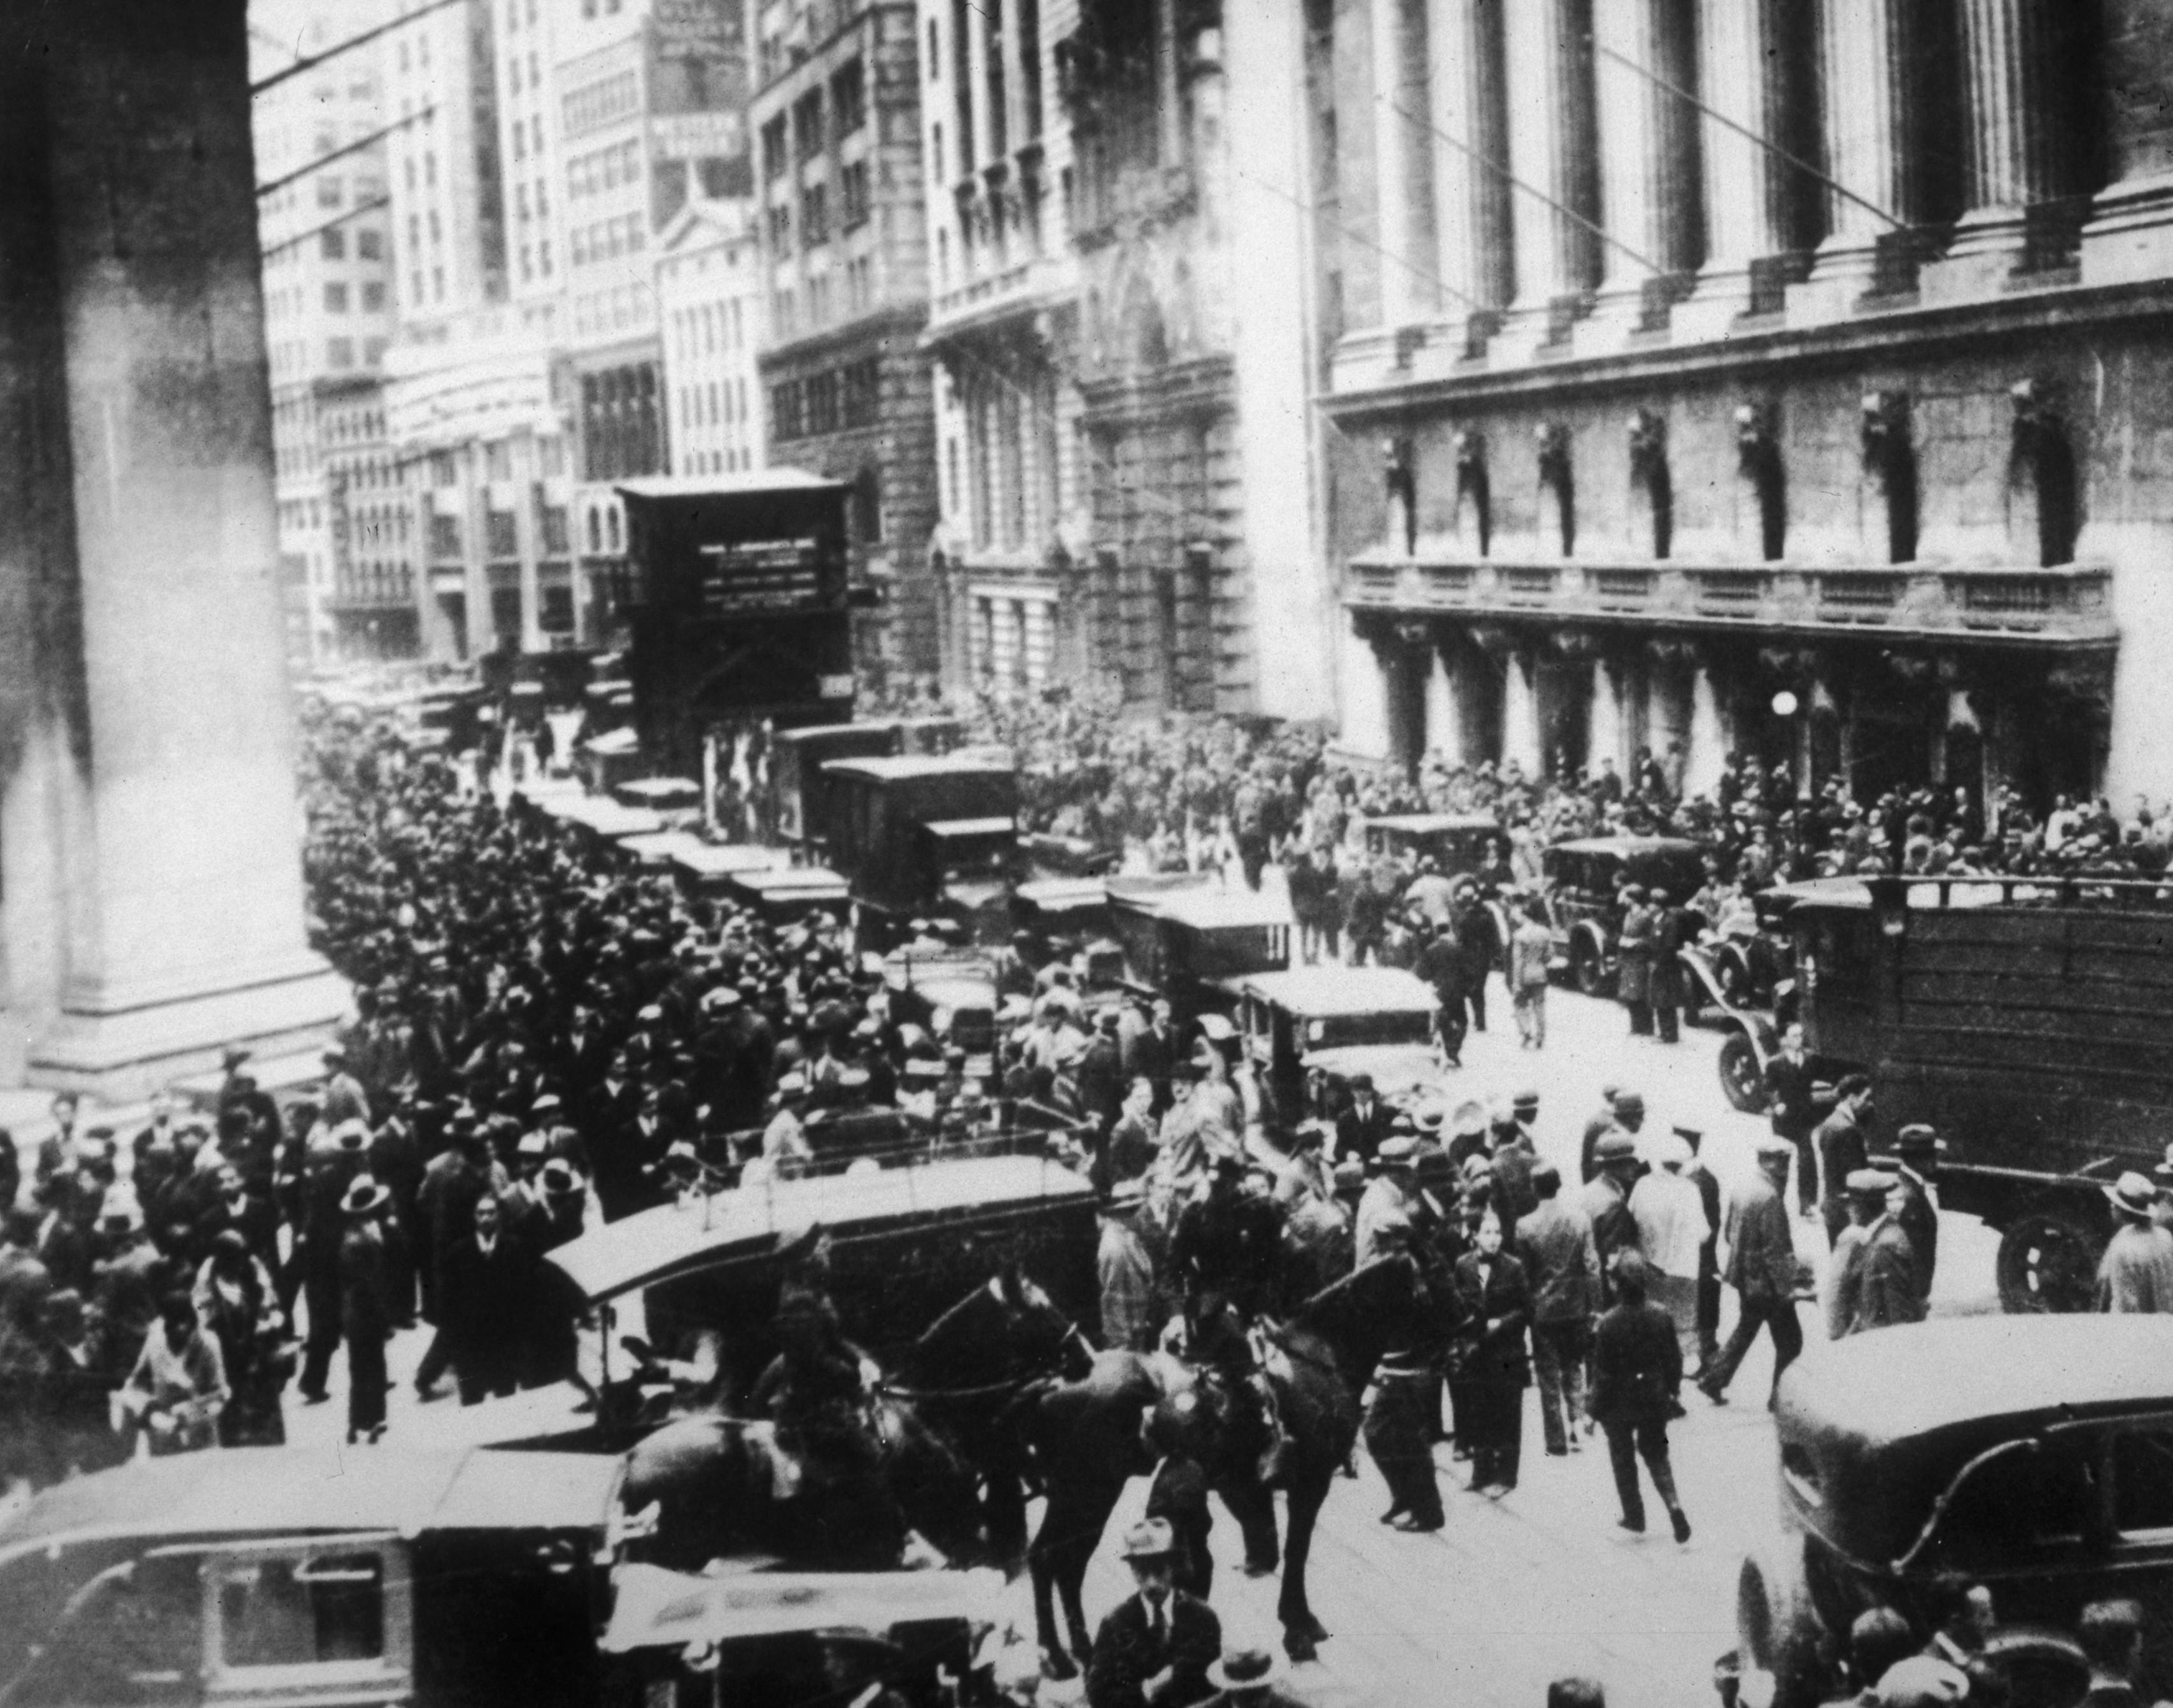 october 29th 1929 stock market